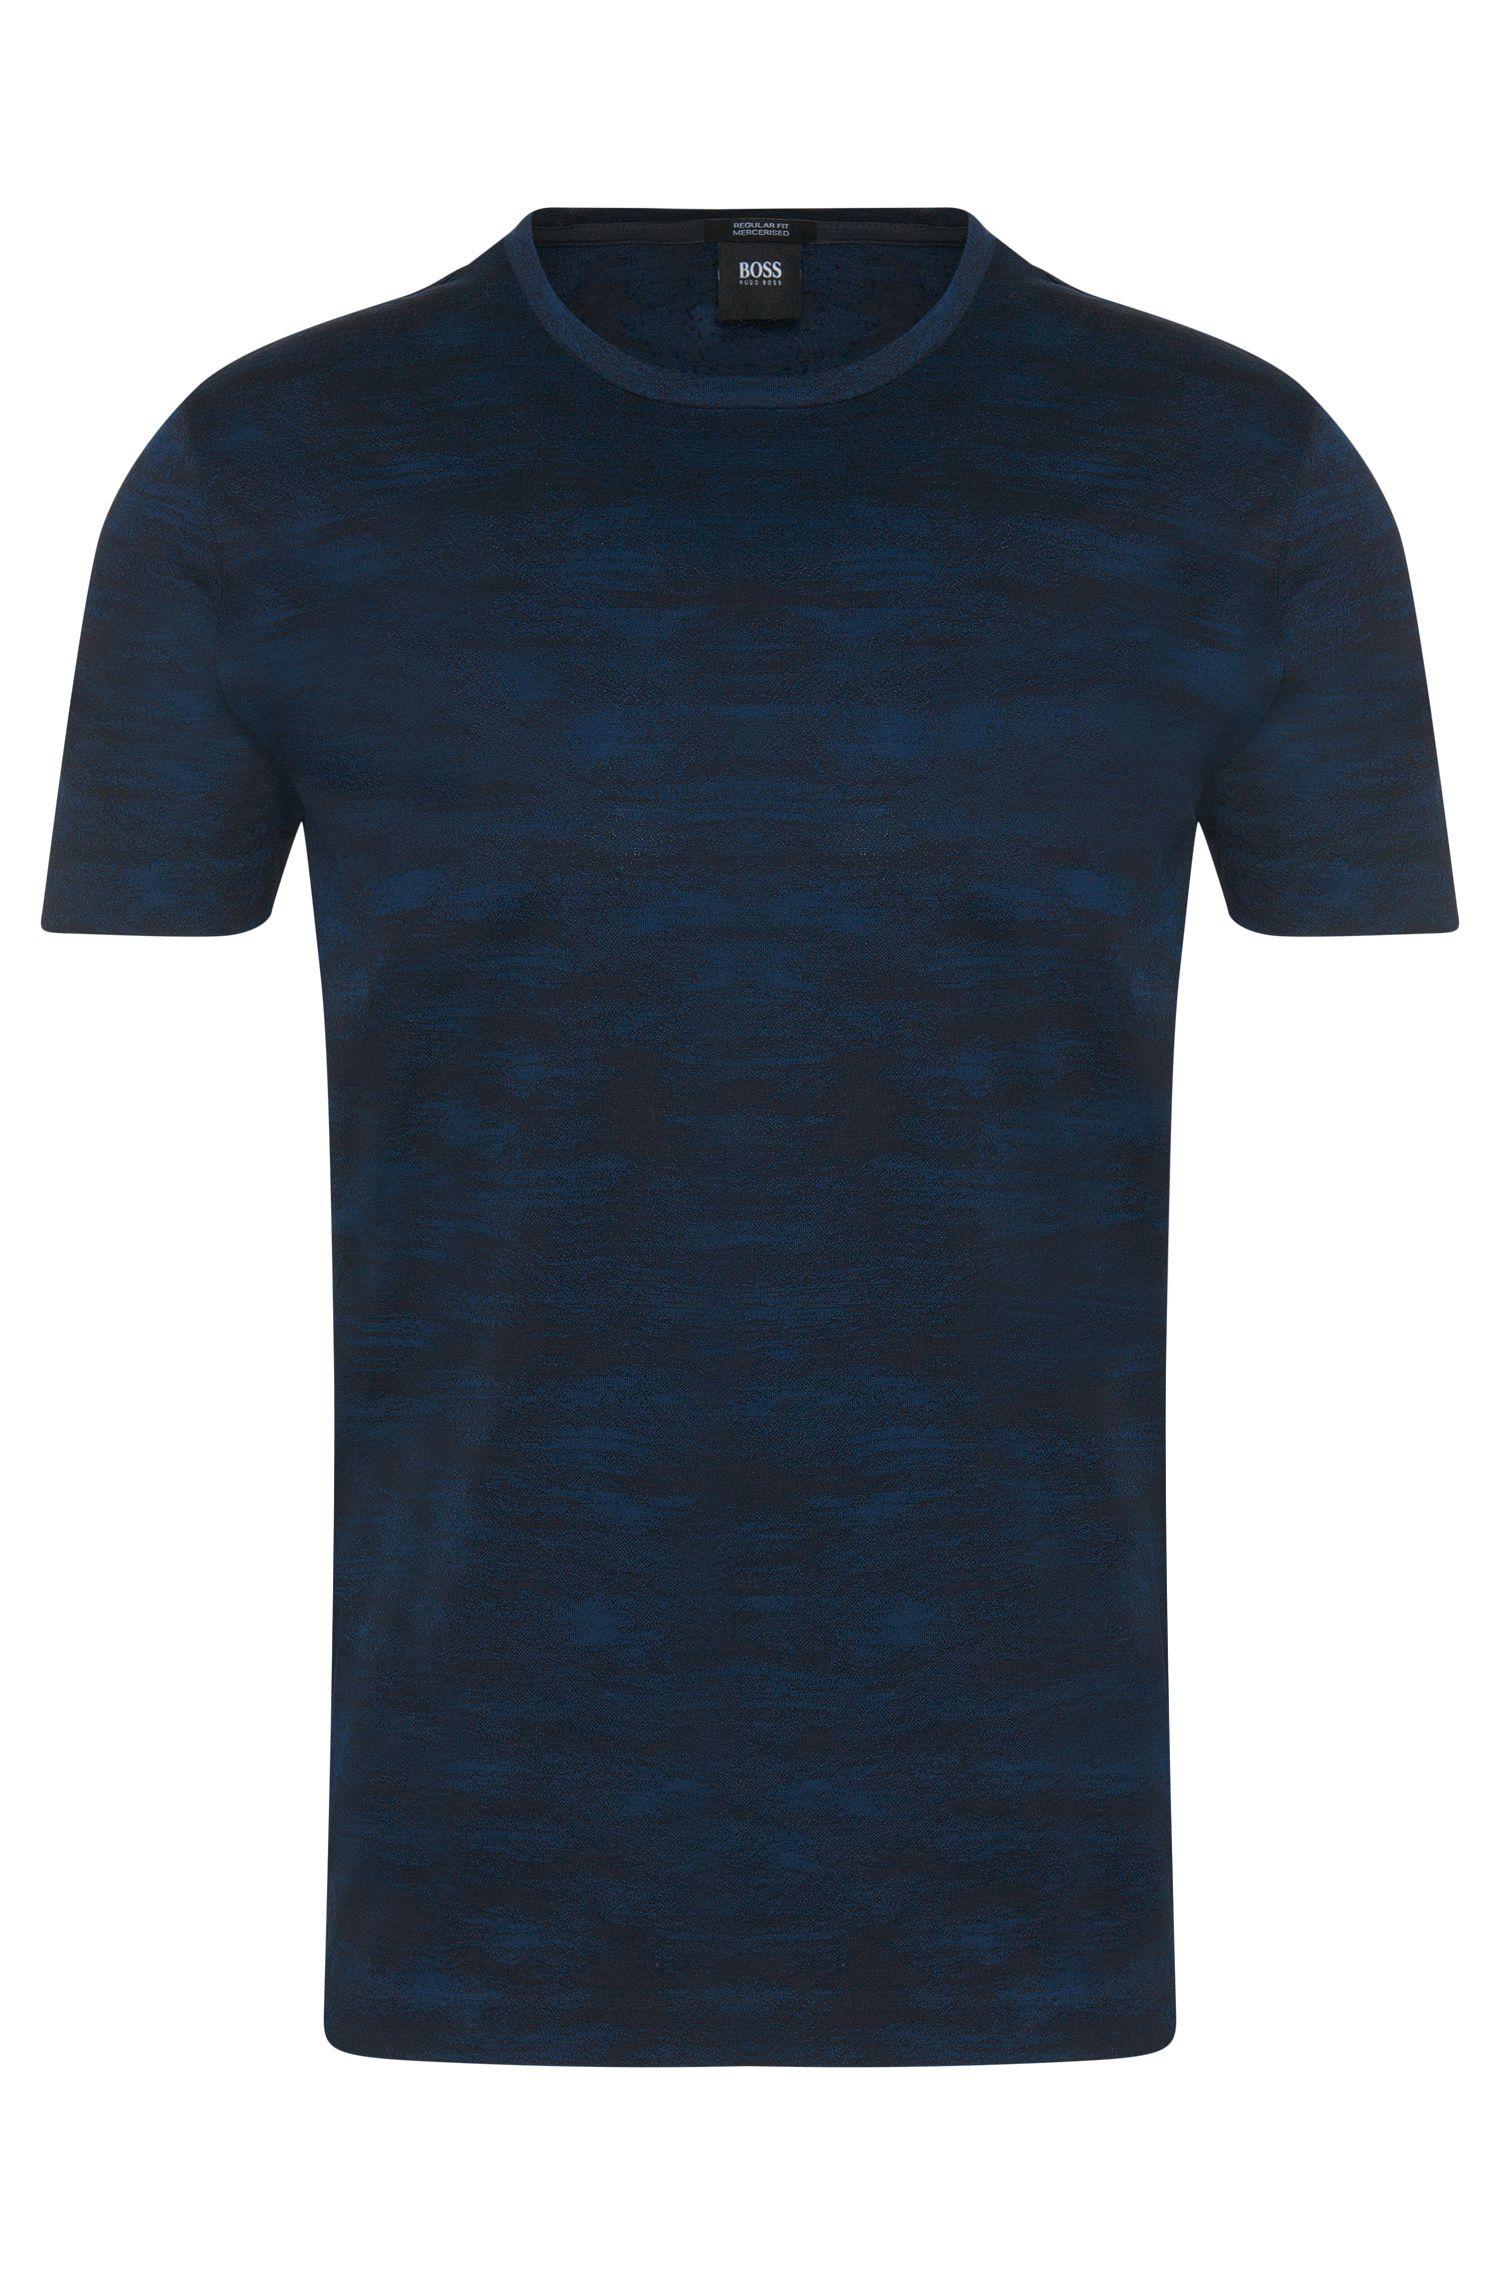 'Tiburt' | Mercerized Cotton Patterned T-Shirt